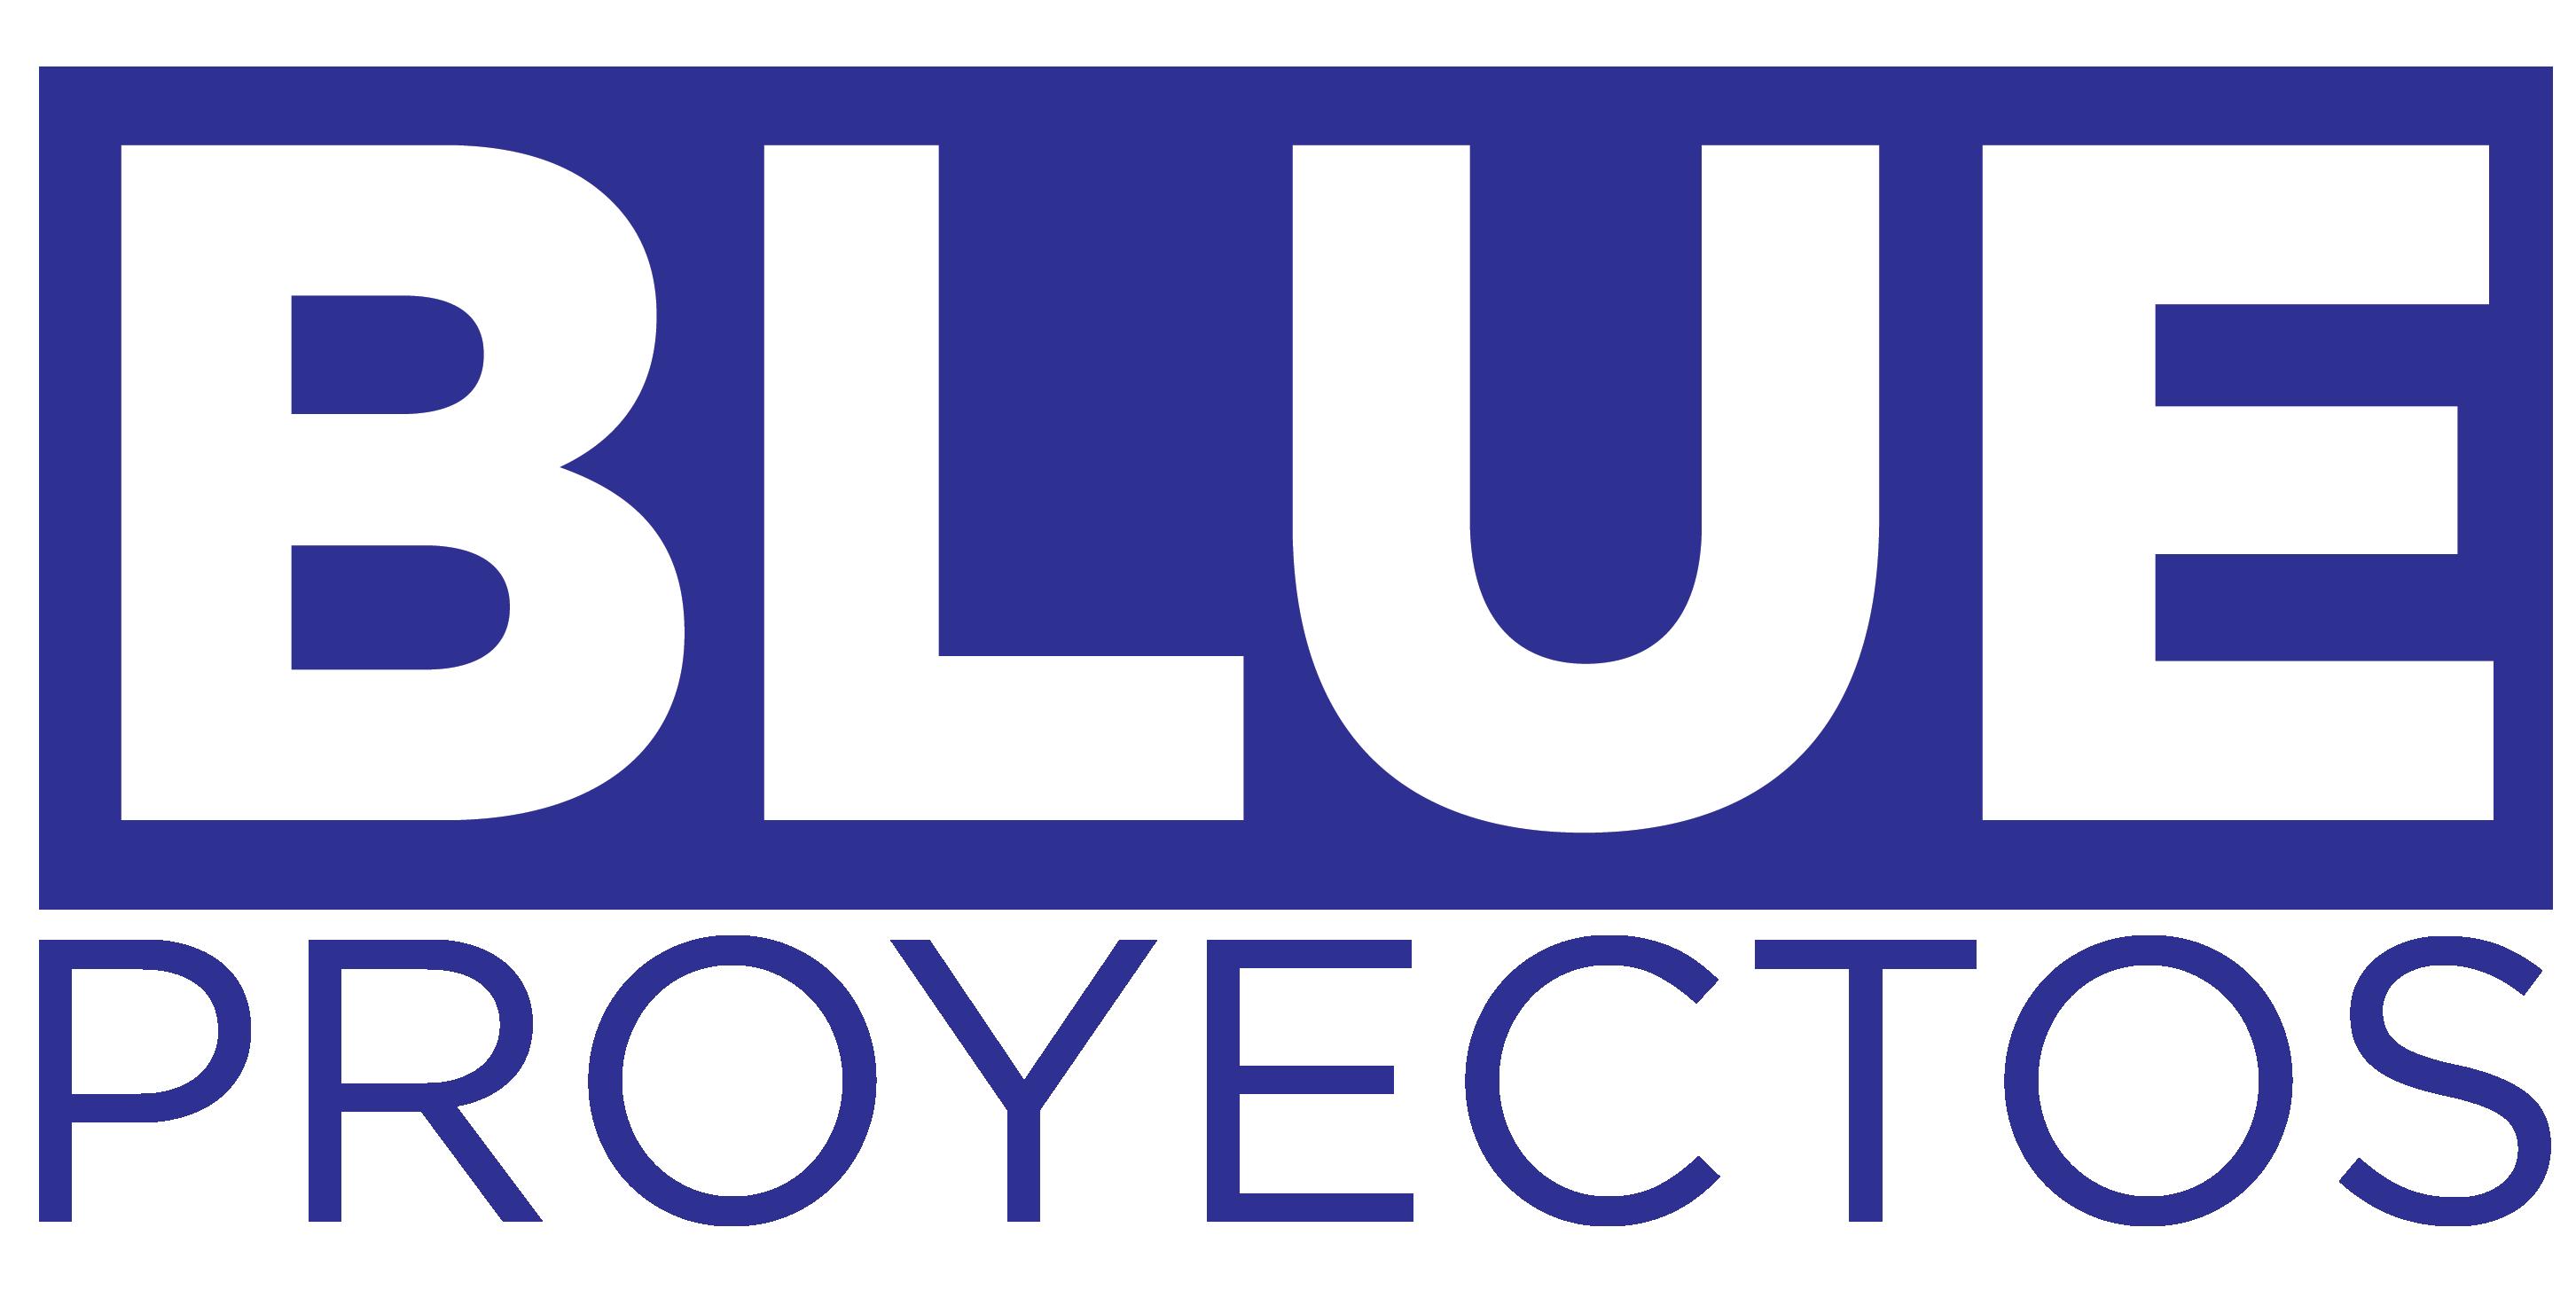 Blue Proyectos